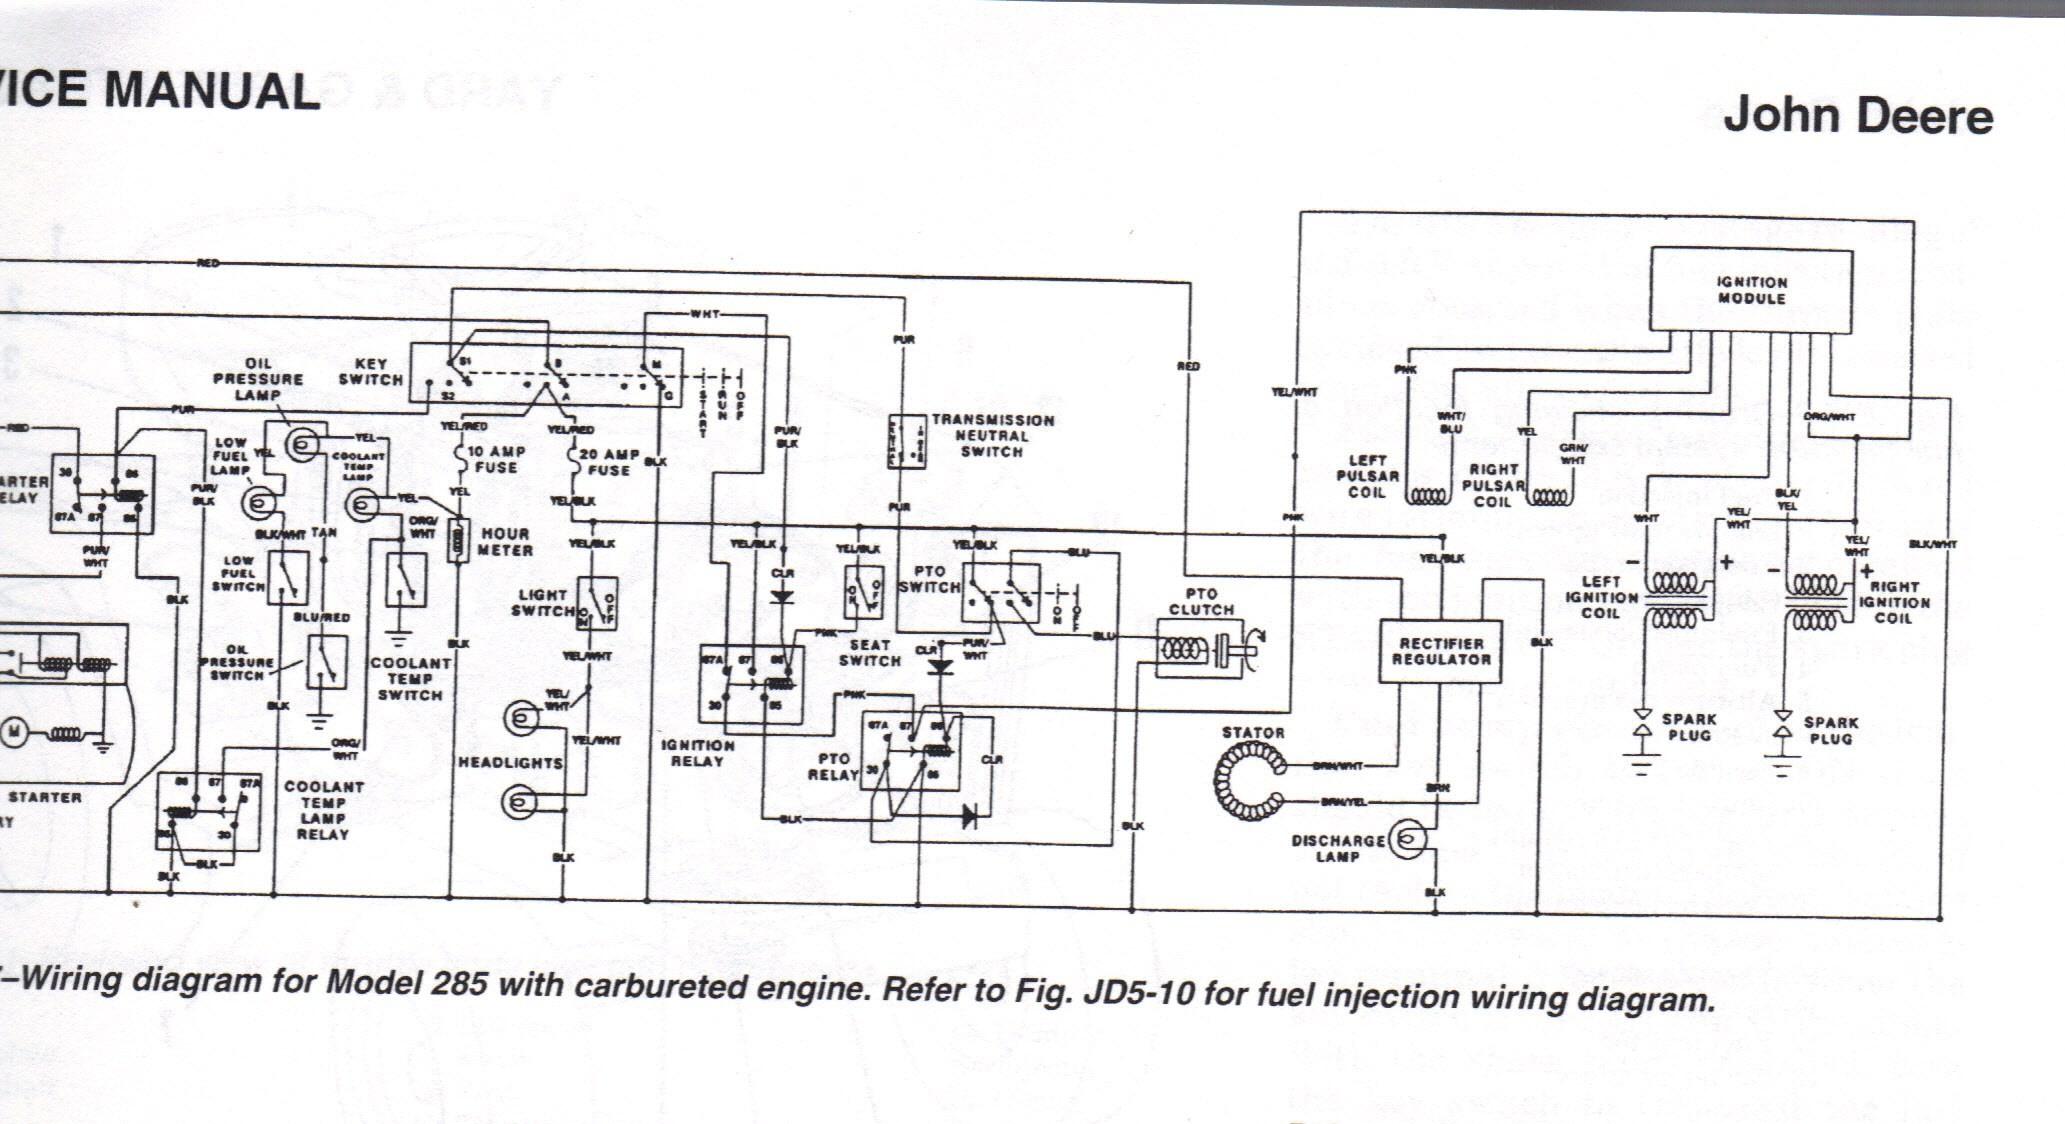 John Deere Wiring Diagrams Jd Stx 38 Wiring Diagram Wiring